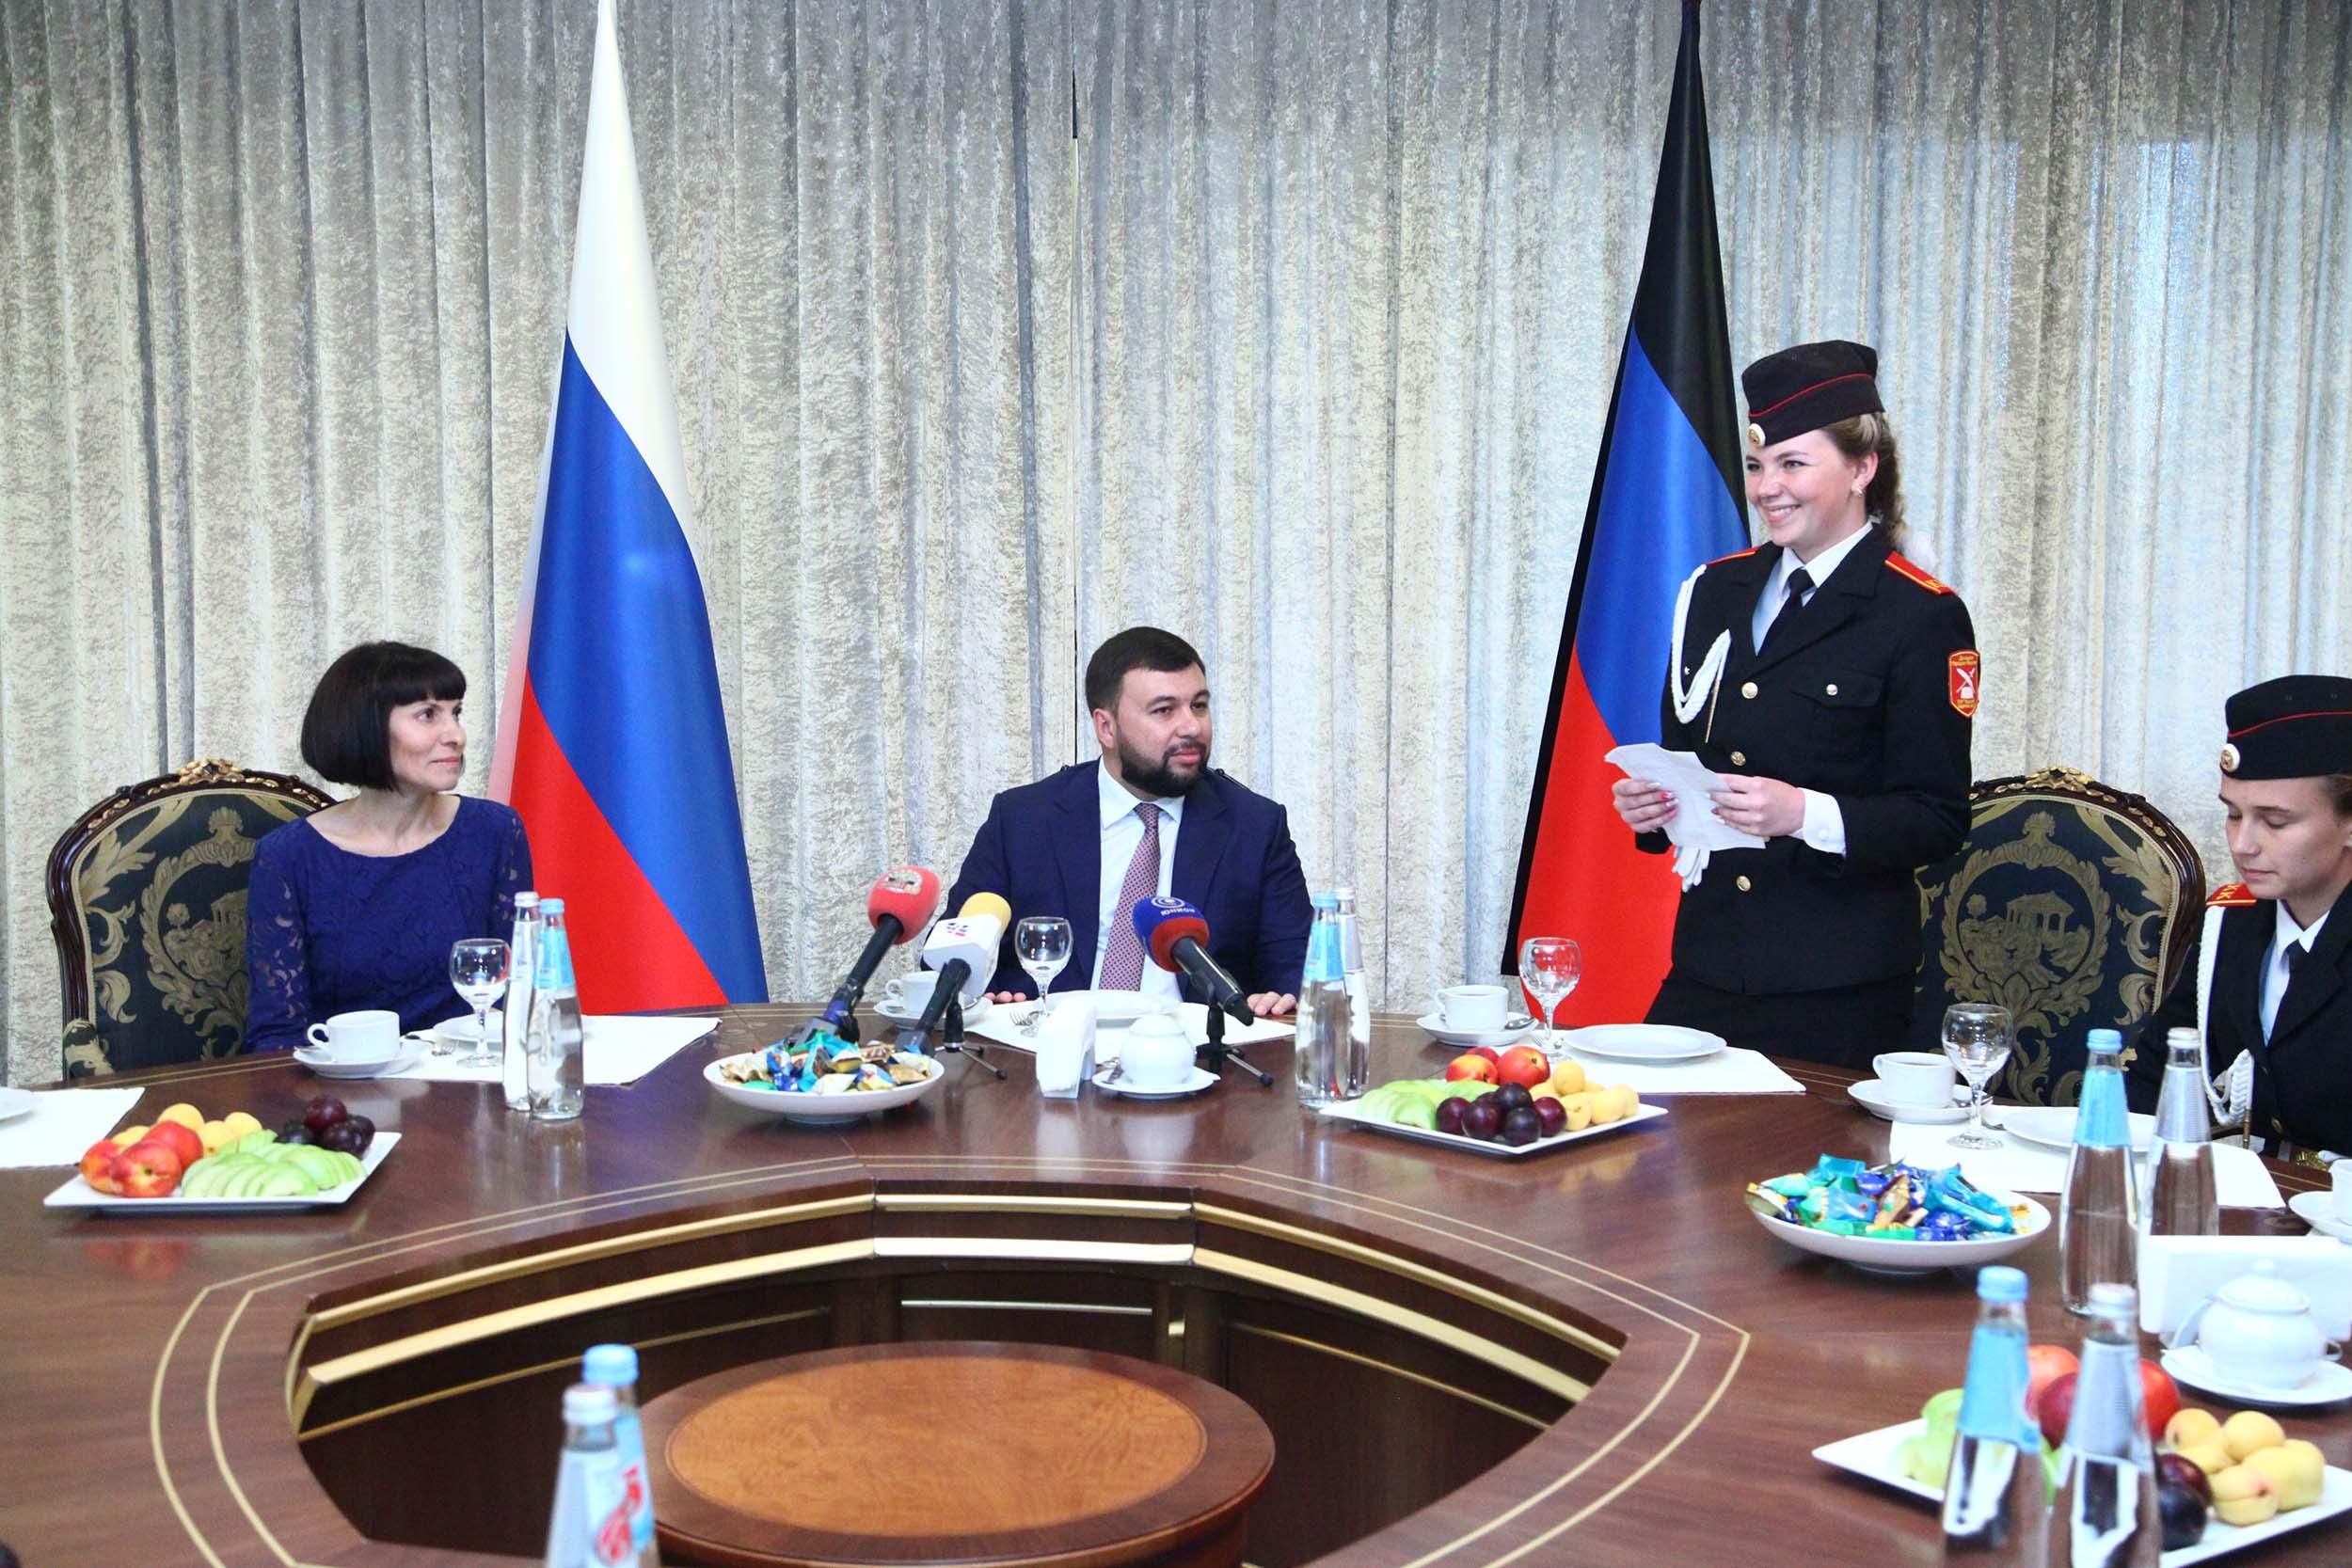 Глава ДНР Денис Пушилин встретился с кадетами – участниками праздника «Алые паруса» в Санкт-Петербурге